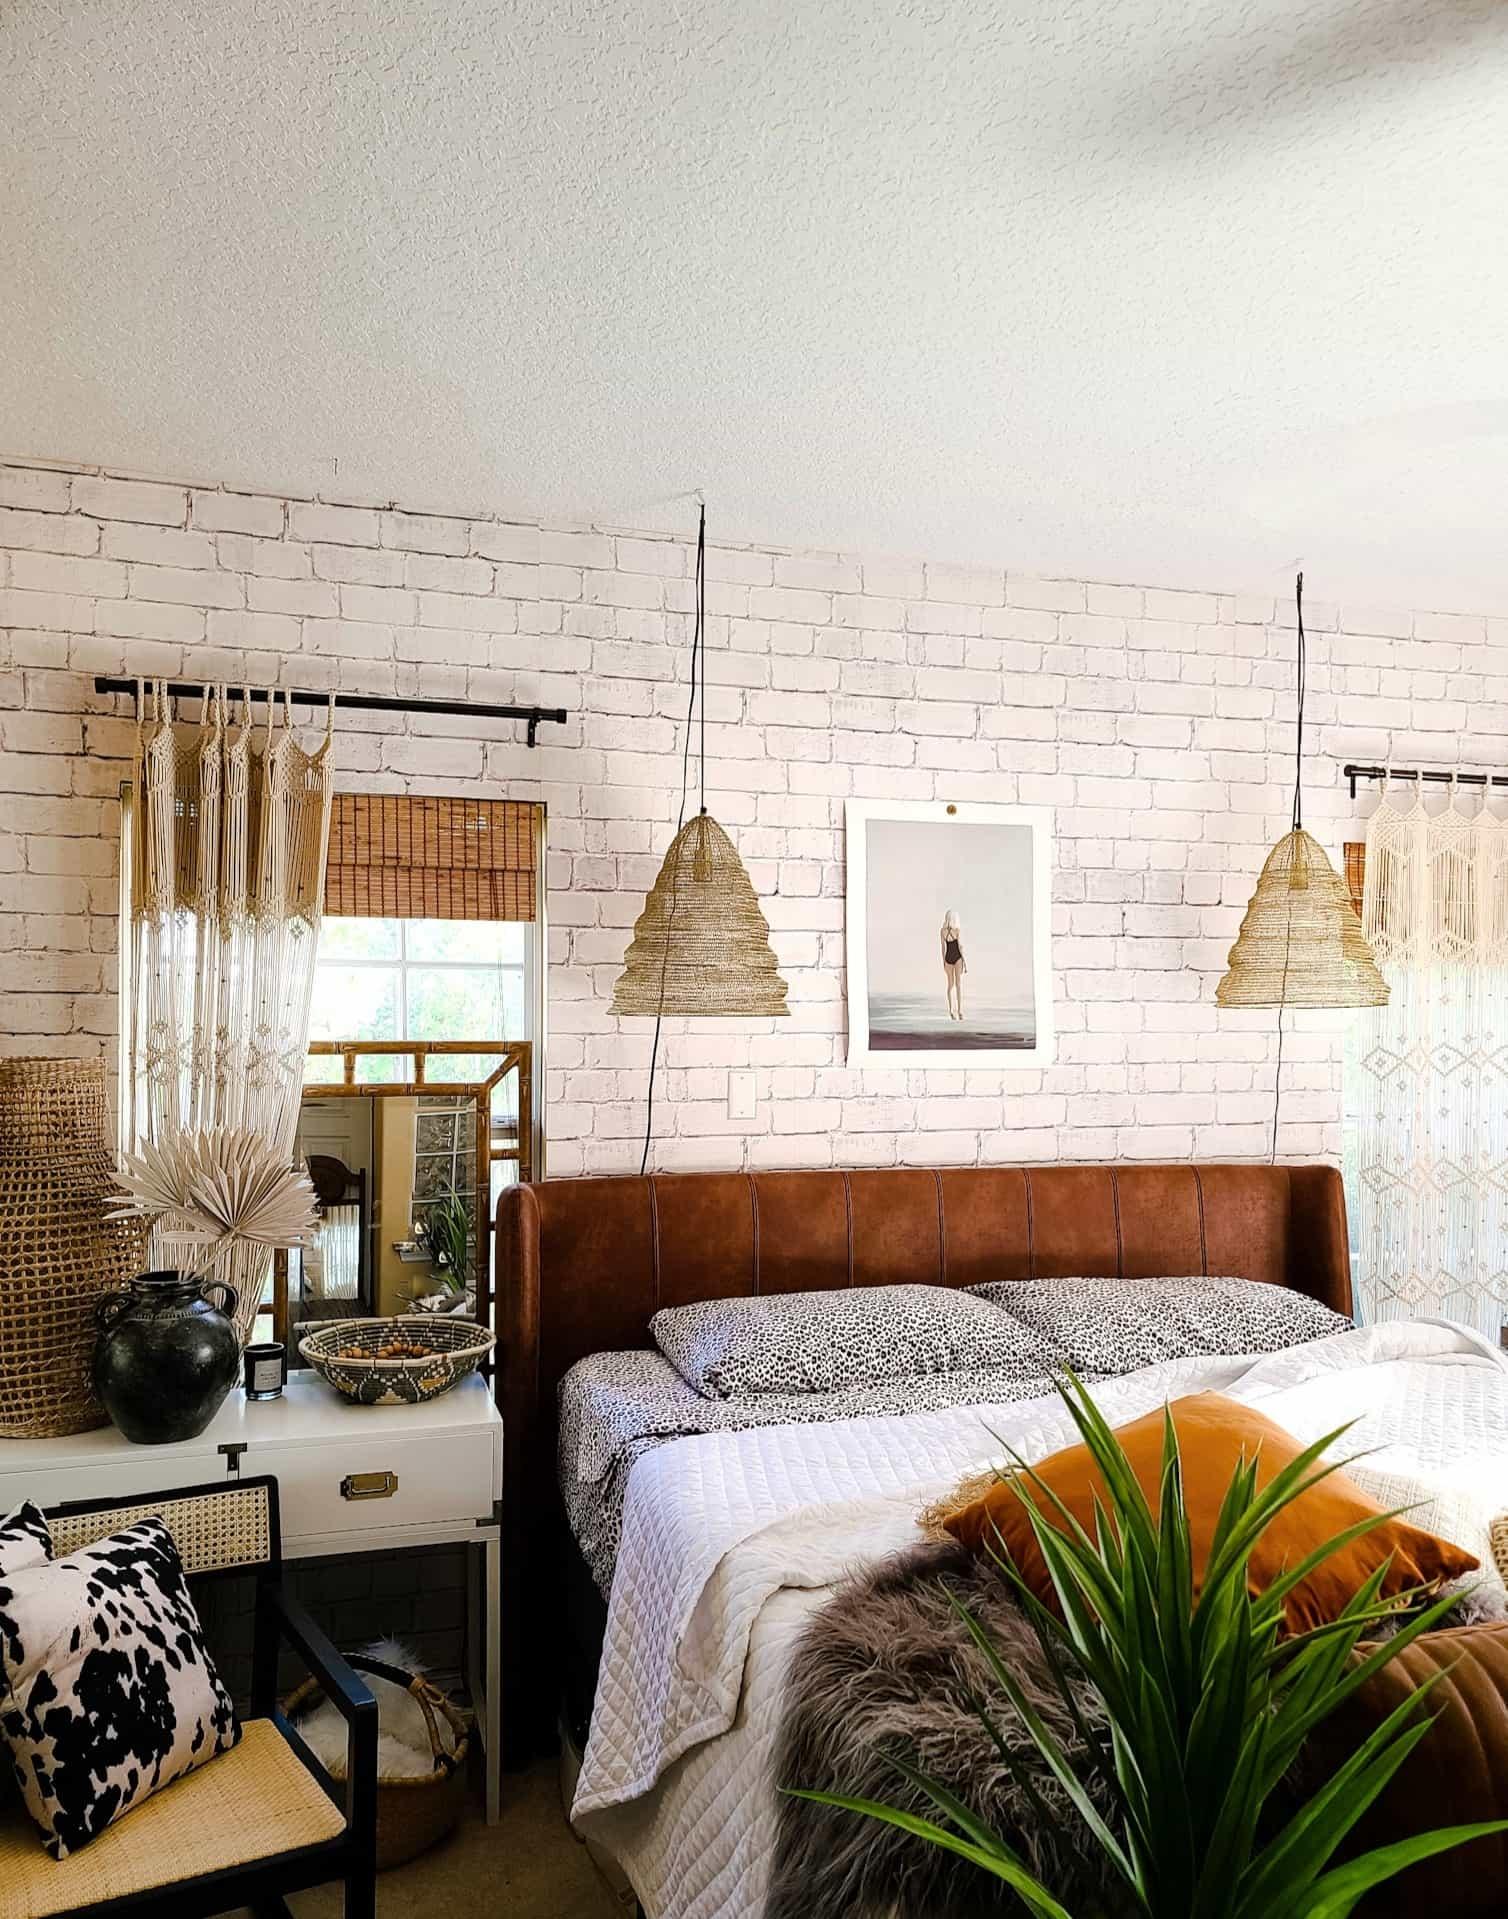 Industrial Boho Master Bedroom Refresh Bees N Burlap